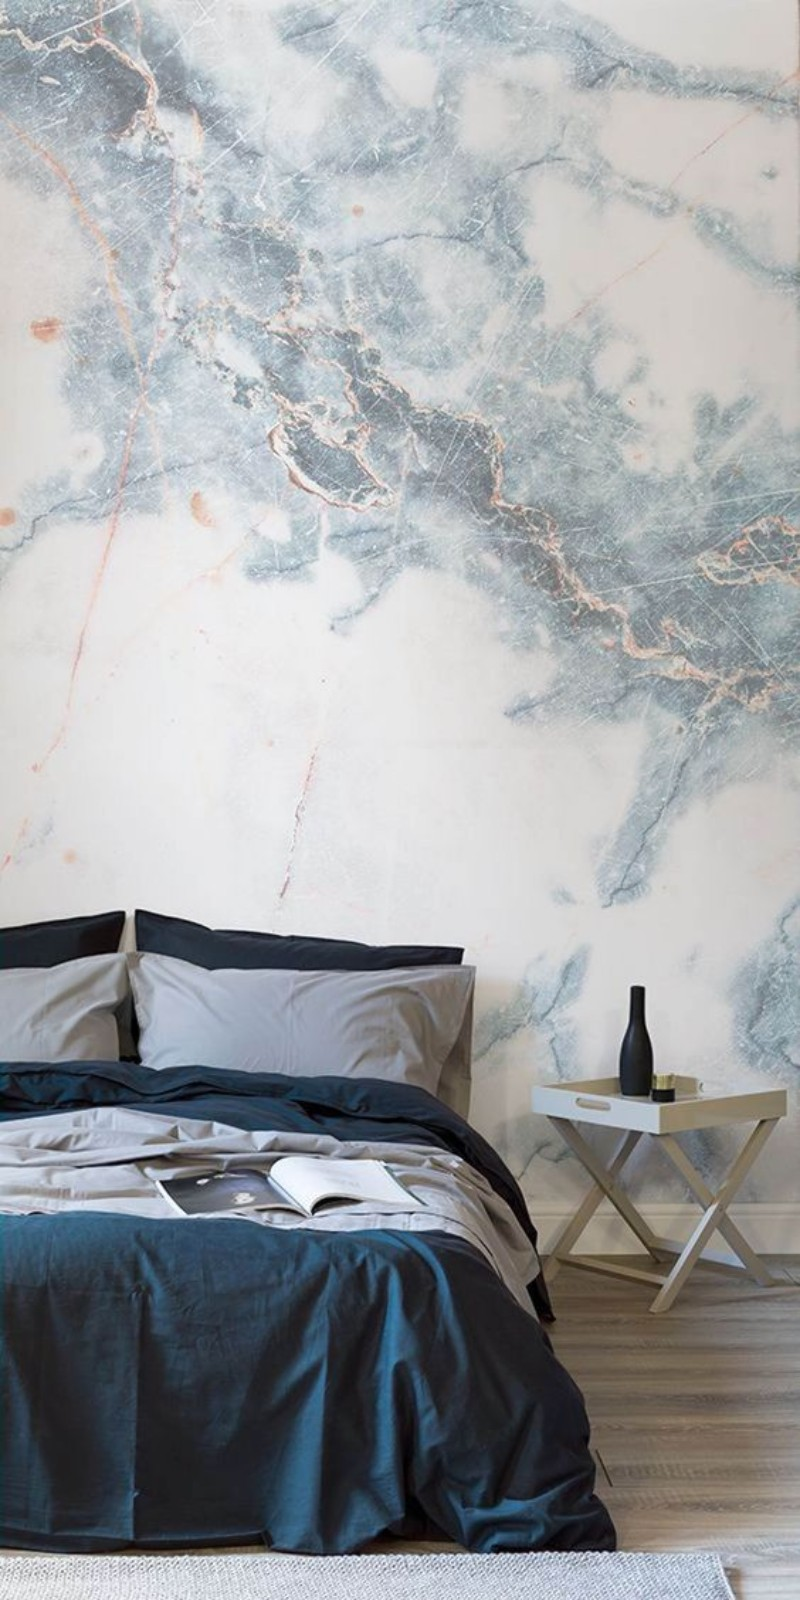 bedroom walls Original Bedroom Walls Ideas to Inspire You c8d8574e6cdcc882e273cdbe90fc525e